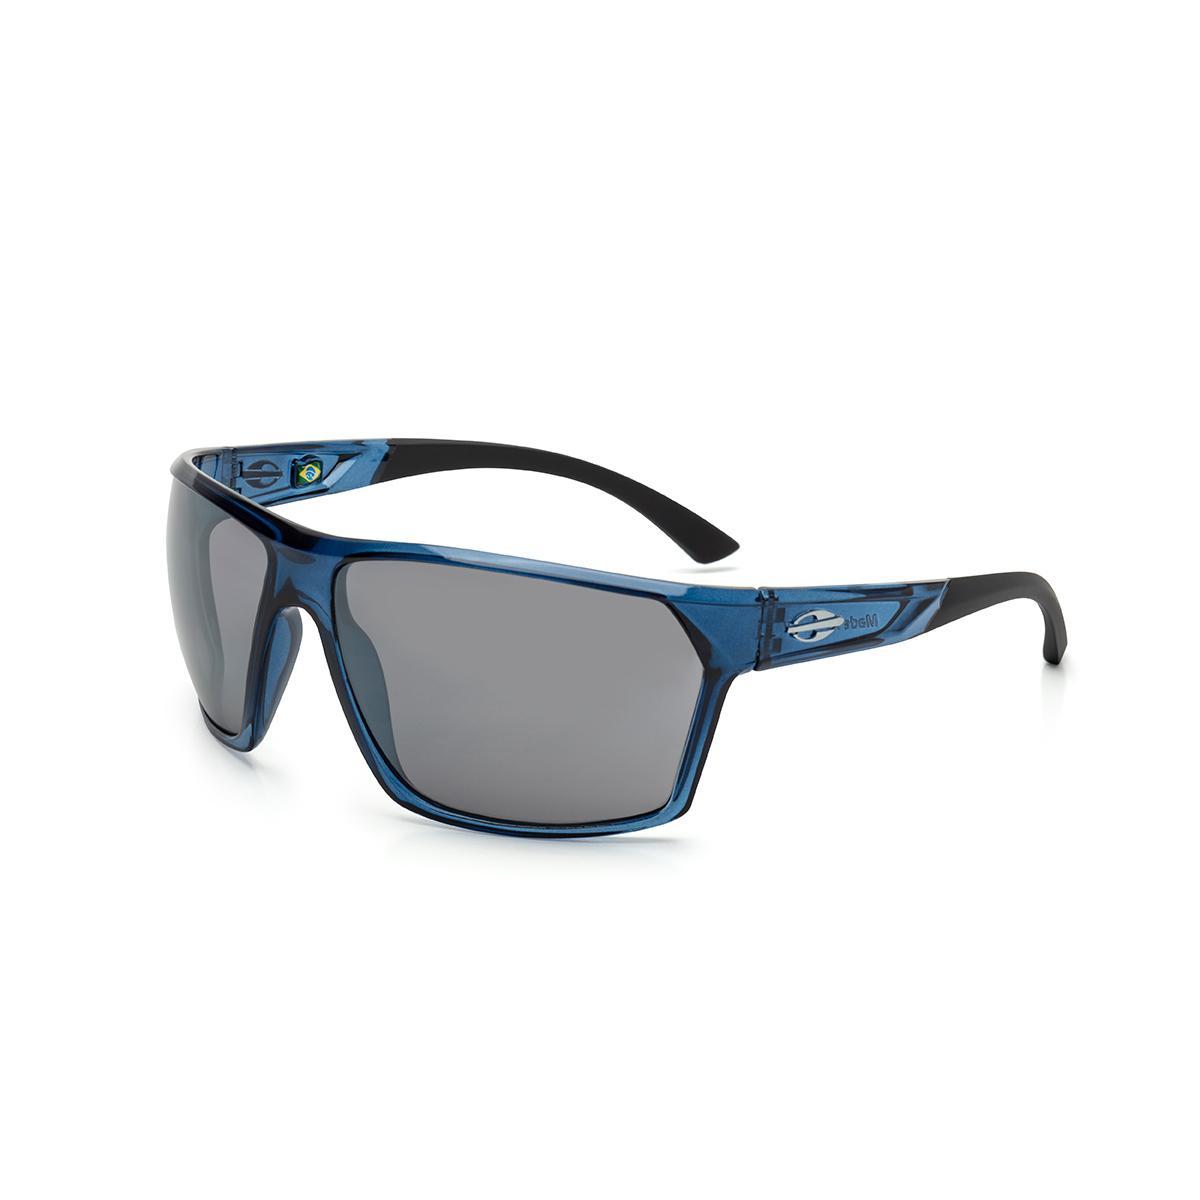 a1e6db30ea31c Óculos de Sol Mormaii STORM M0079 K03 09 Azul Lente Espelhada Prata Tam  56